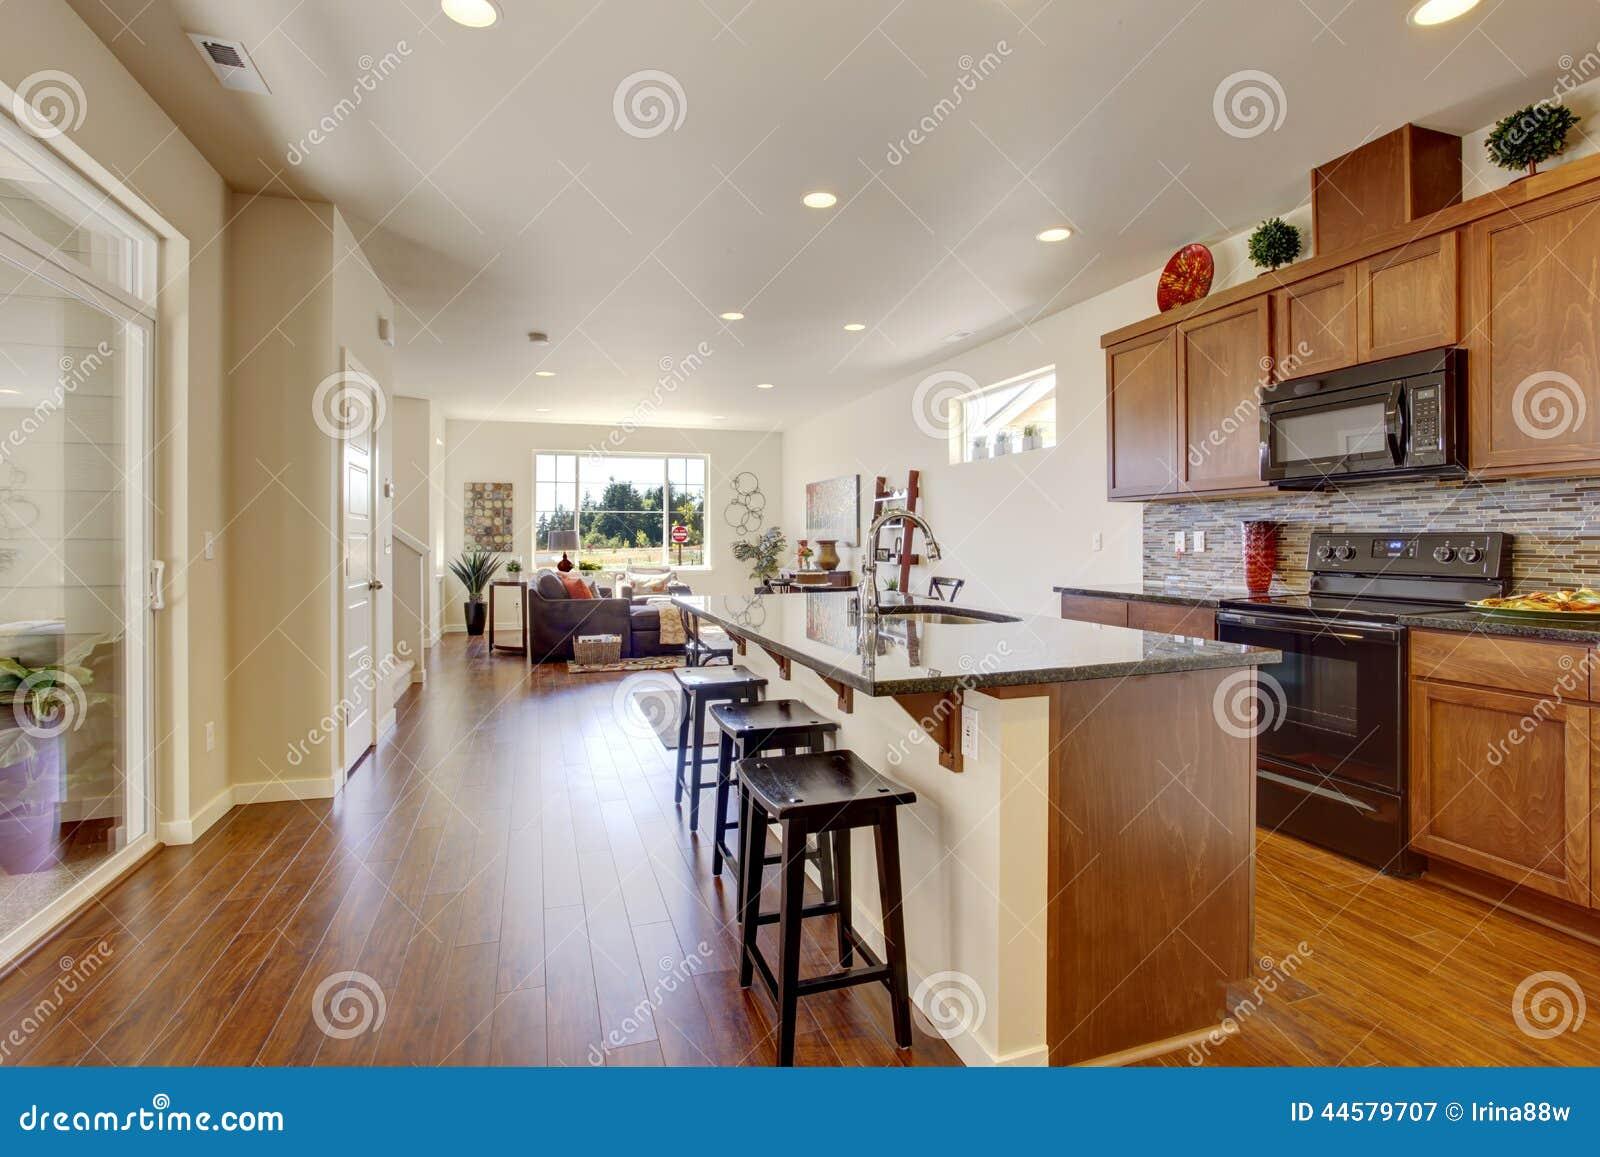 Cozinha Em Conceito Aberto Com Ilha A Cozinha Da Casa Braga